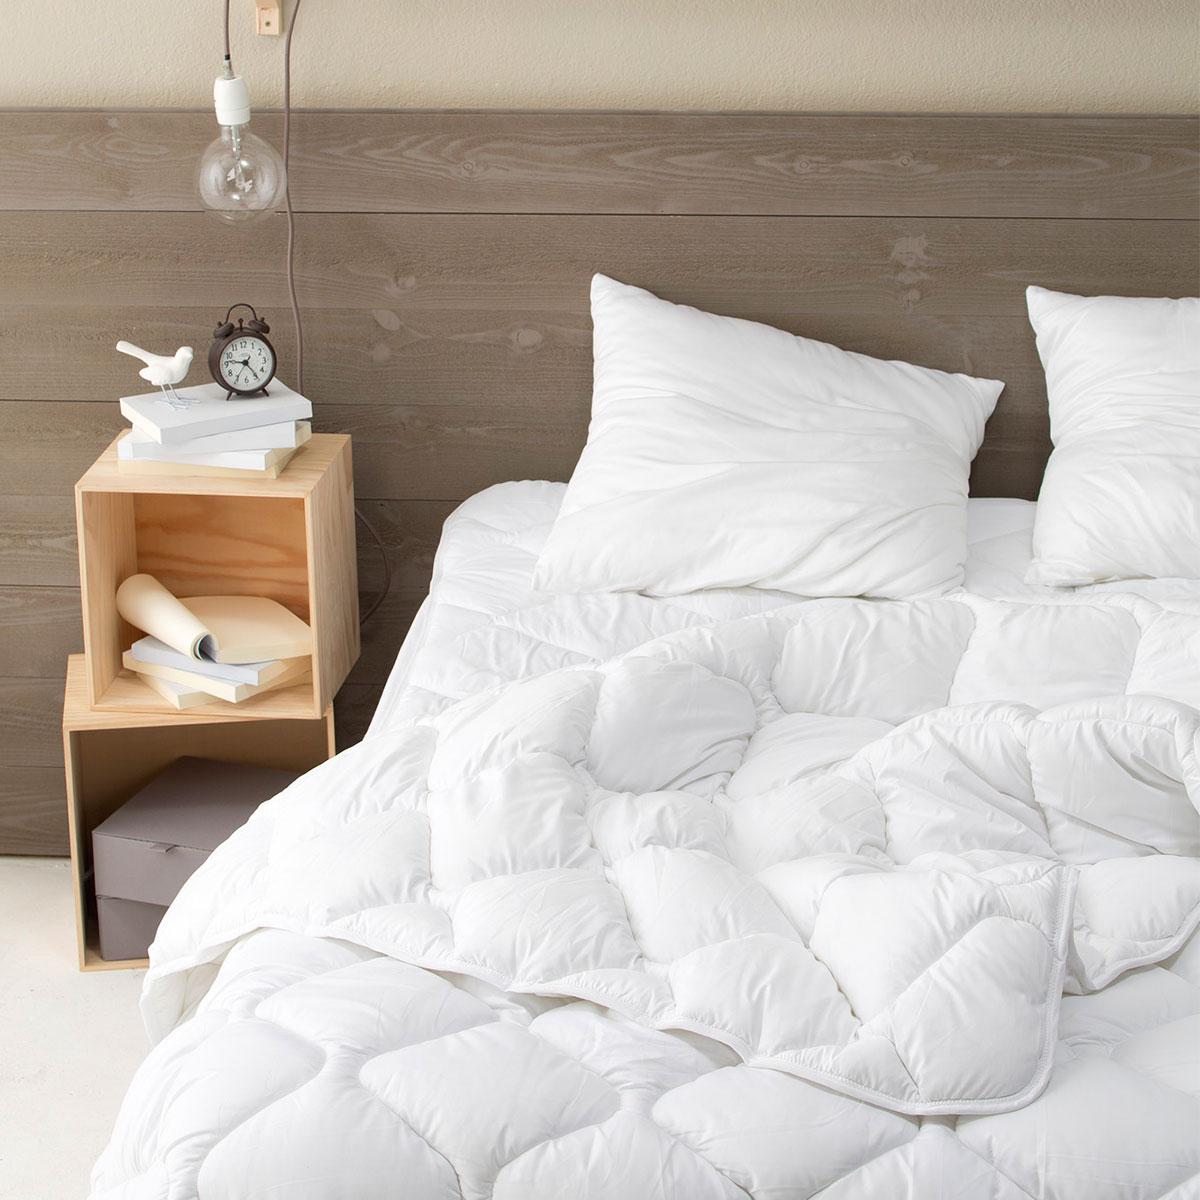 trouvez votre couette grande taille pour lits king size standard textile